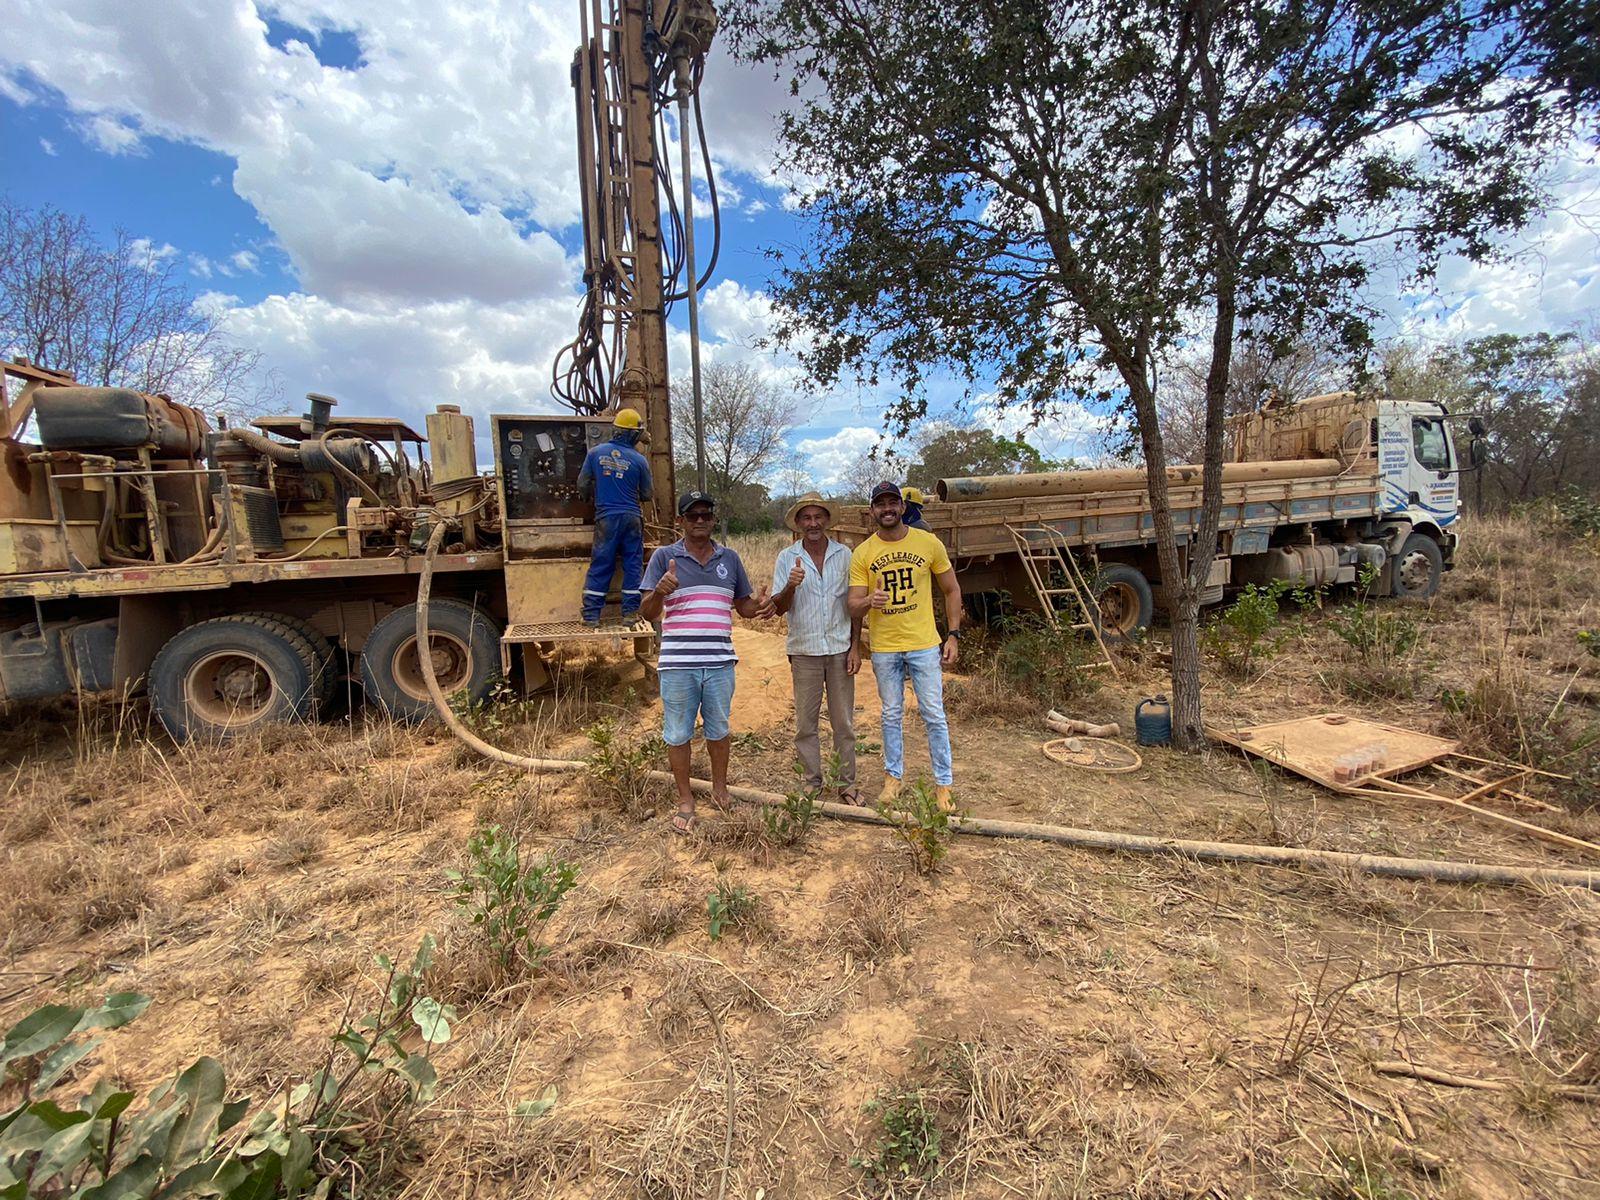 Baianópolis: Parceria entre Antonio Henrique Júnior e Weube Febrônio amplia oferta de água para mais dois povoados